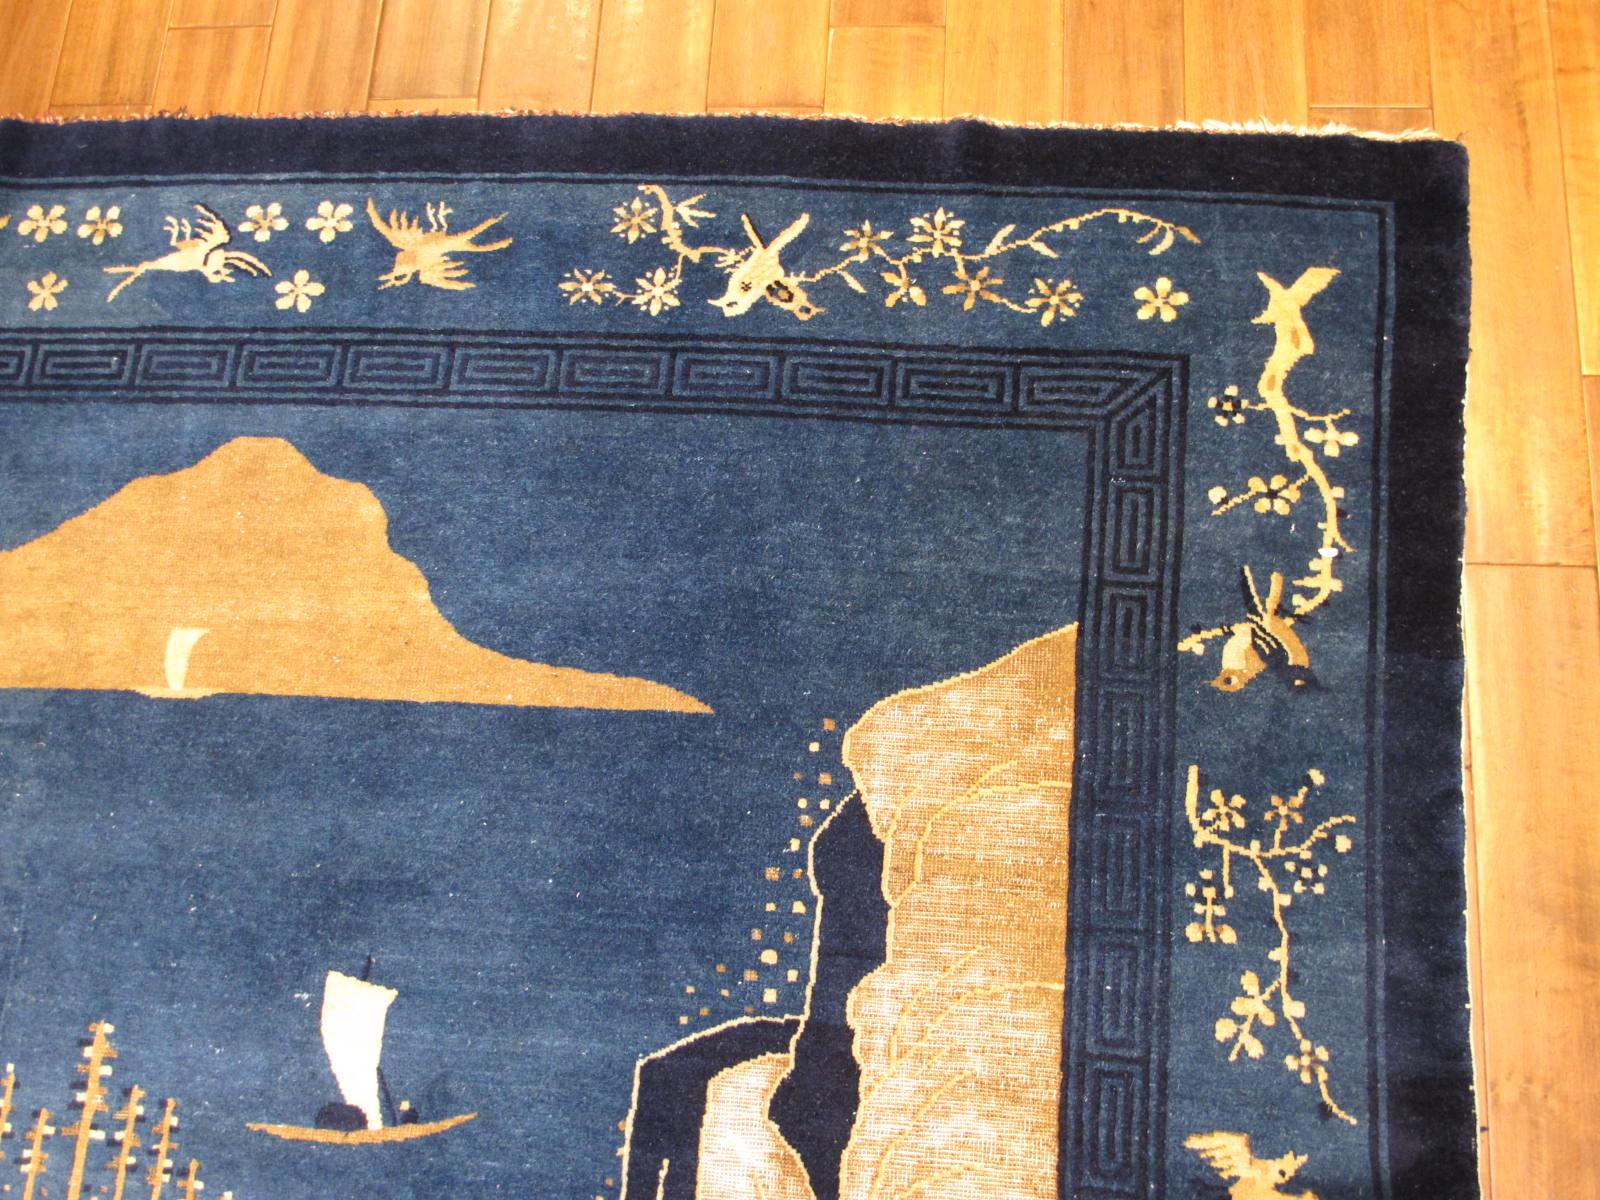 23192 antique chinese peking rug 9 x 11,8 (2)